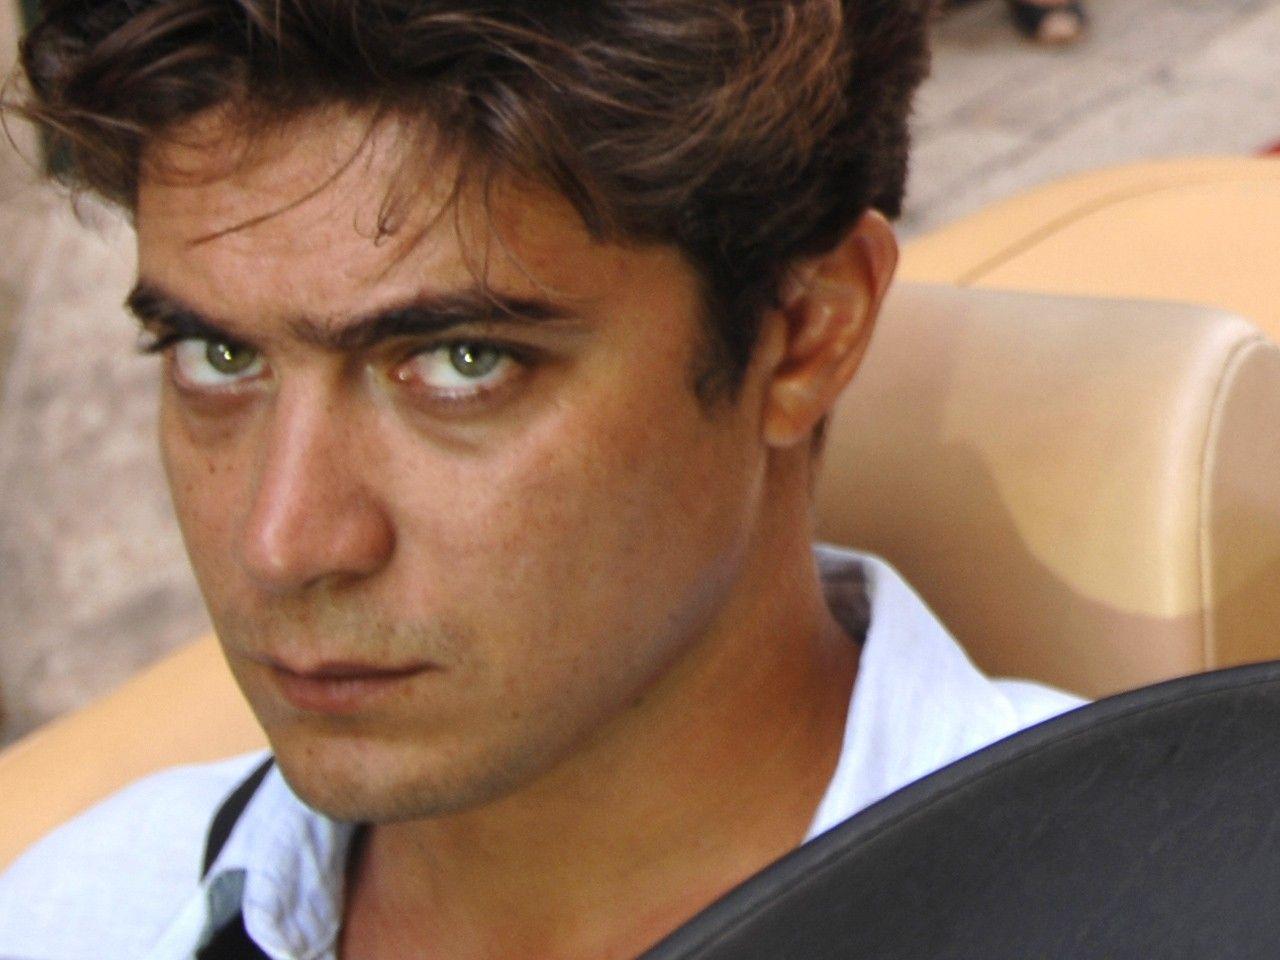 Riccardo Scamarcio si Sente Male: Ricoverato a Cassino